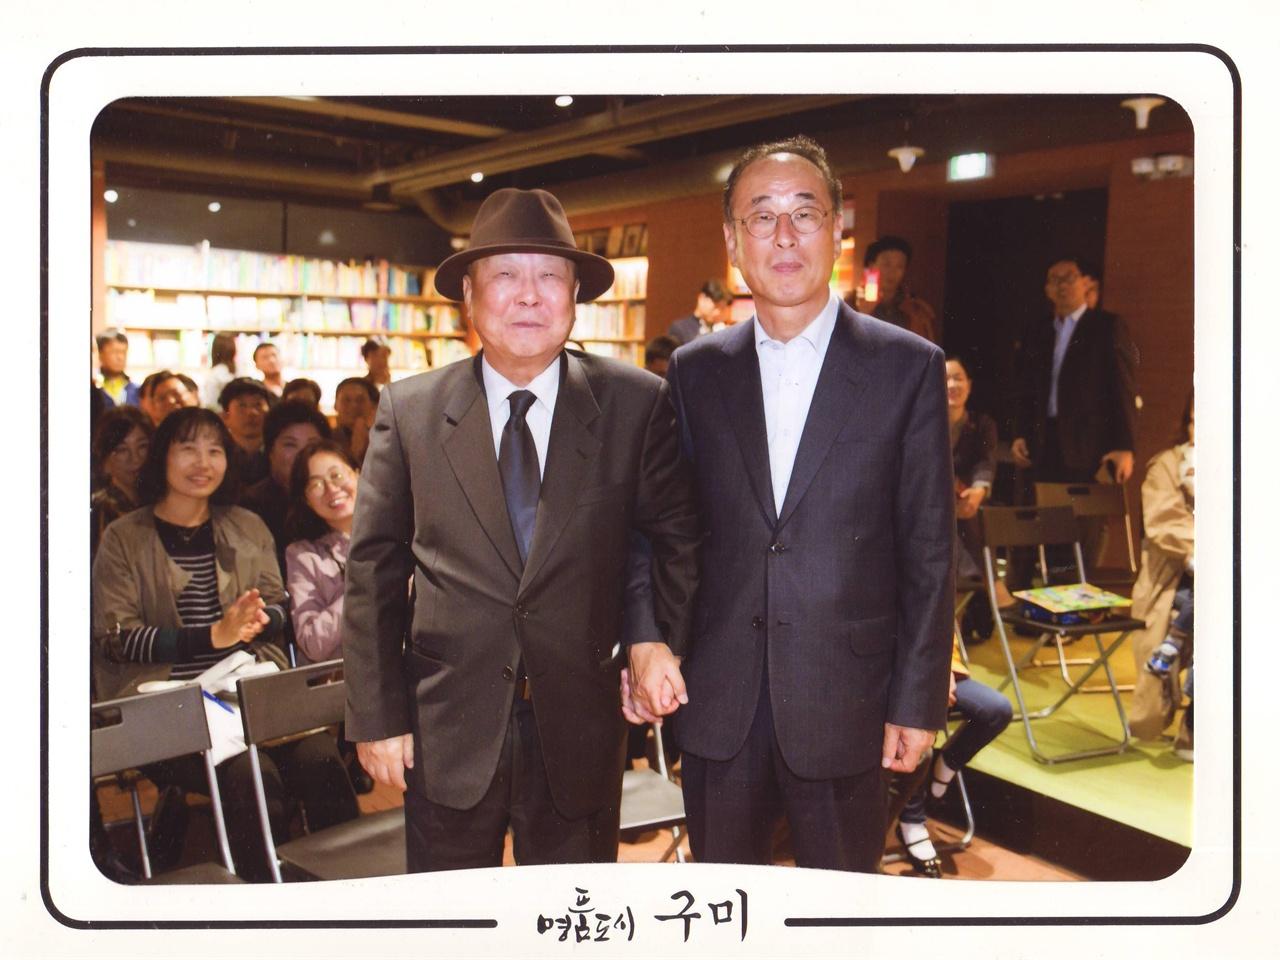 고향 서점(삼일문고)에서 만난 장세용 구미시장(오른쪽)과 기자.